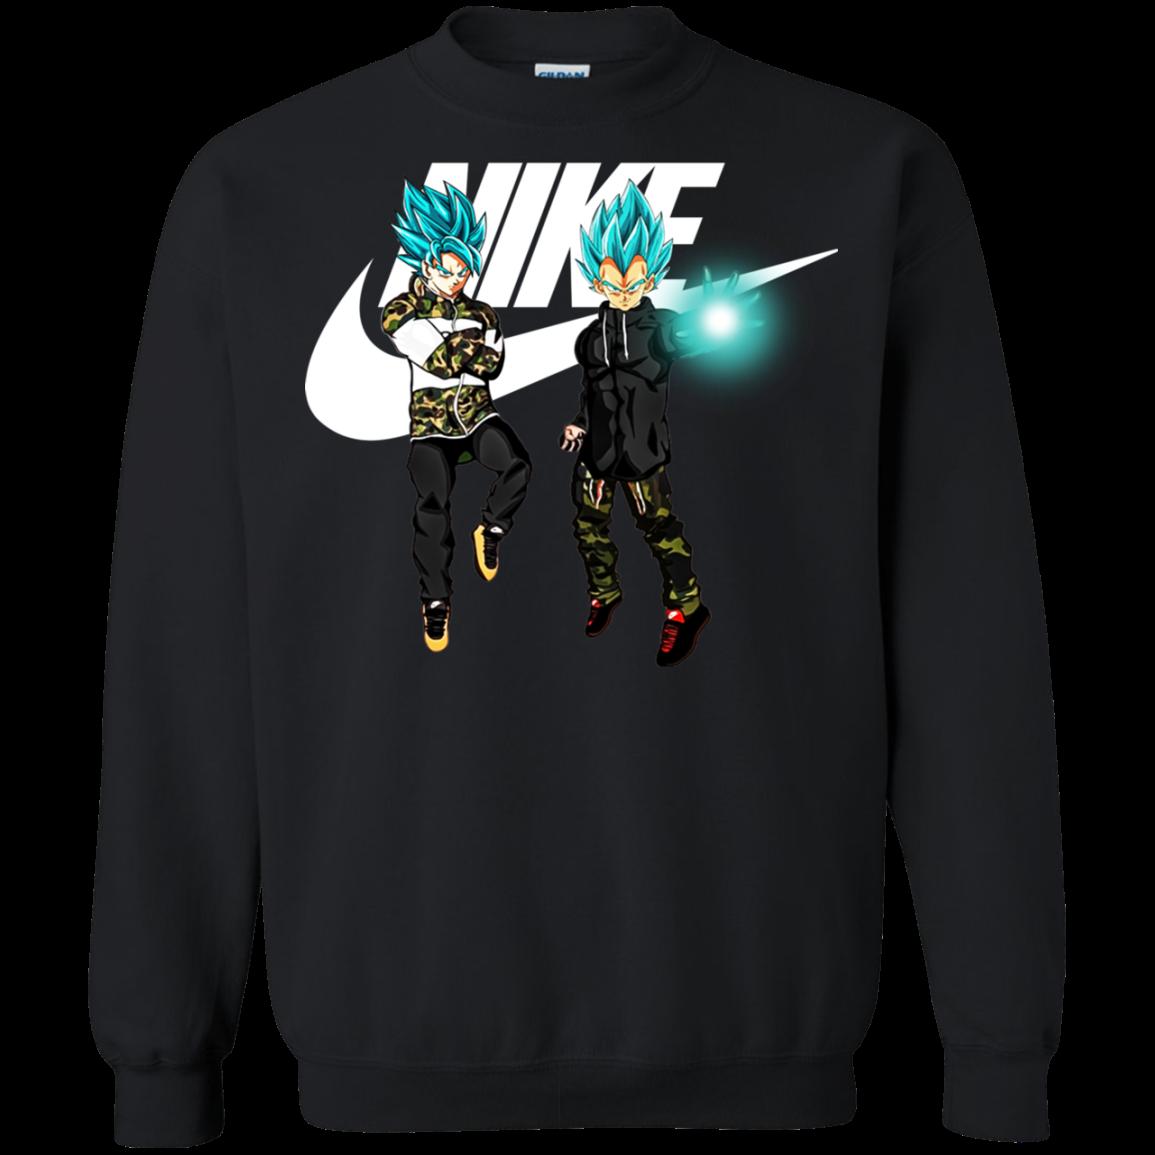 código Morse Cilios Pigmento  Goku And Vegeta Nike Shirt, Hoodie, Tank   Allbluetees.com